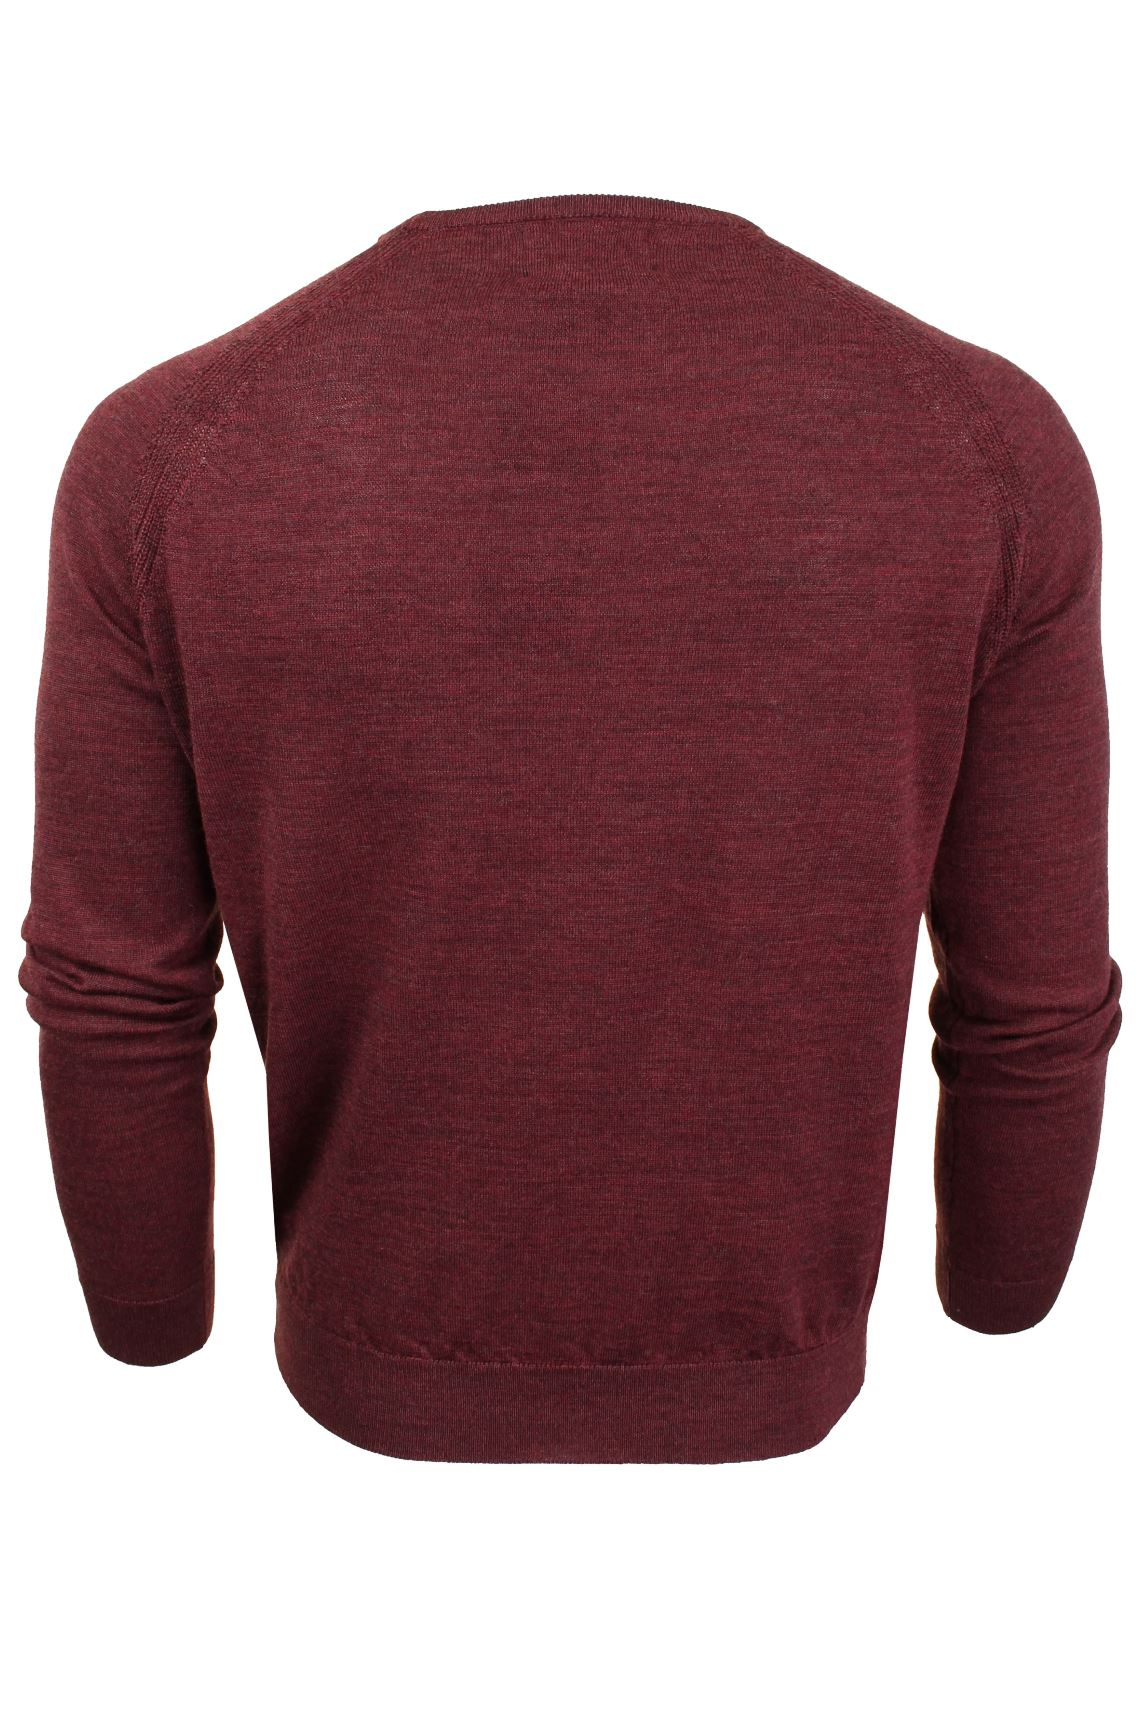 Jersey-para-hombre-ligero-100-lana-por-desgastado-034-Troya-034-Cuello-Redondo miniatura 14